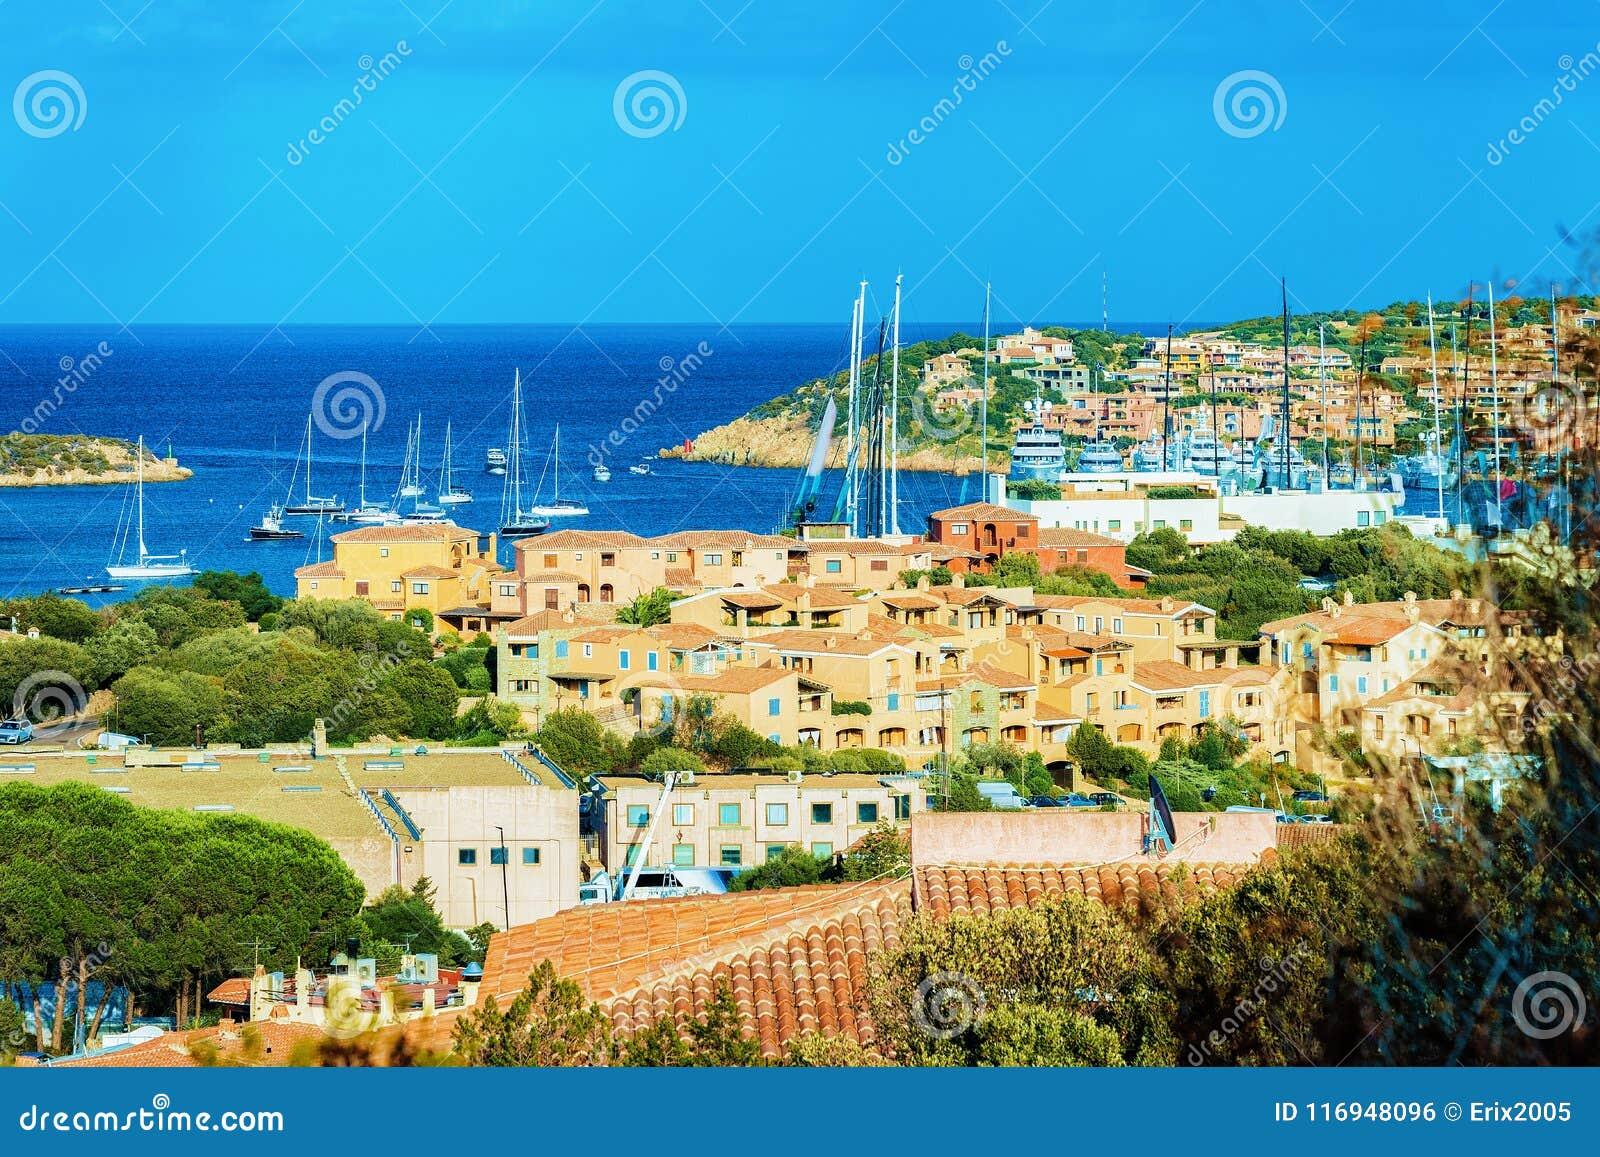 Paysage urbain avec les yachts de luxe à la marina Porto Cervo Sardaigne Italie